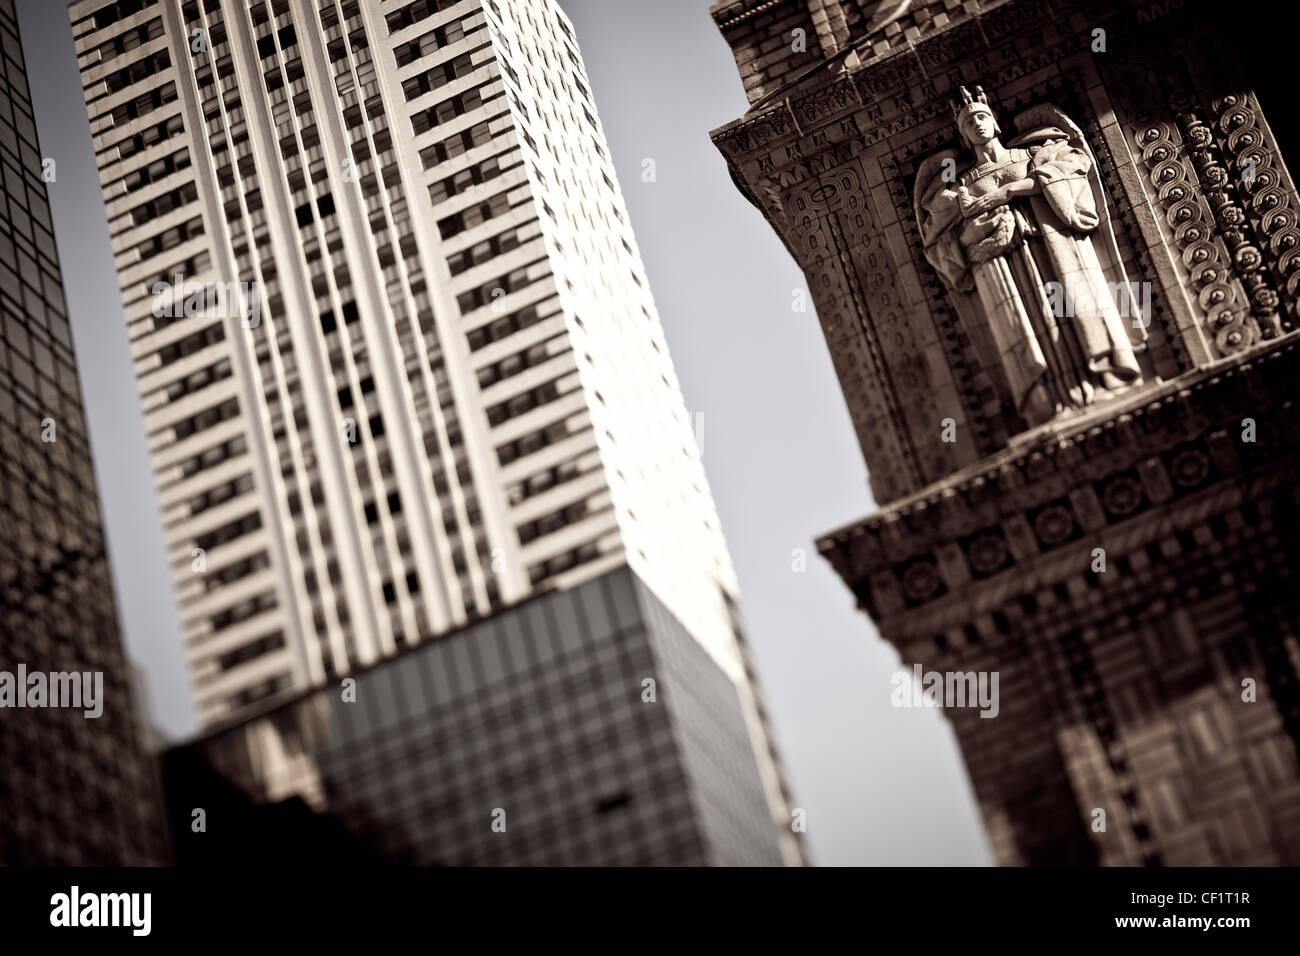 1930 La arquitectura Art Decó del edificio Chrysler, Nueva York, Estados Unidos de América Imagen De Stock